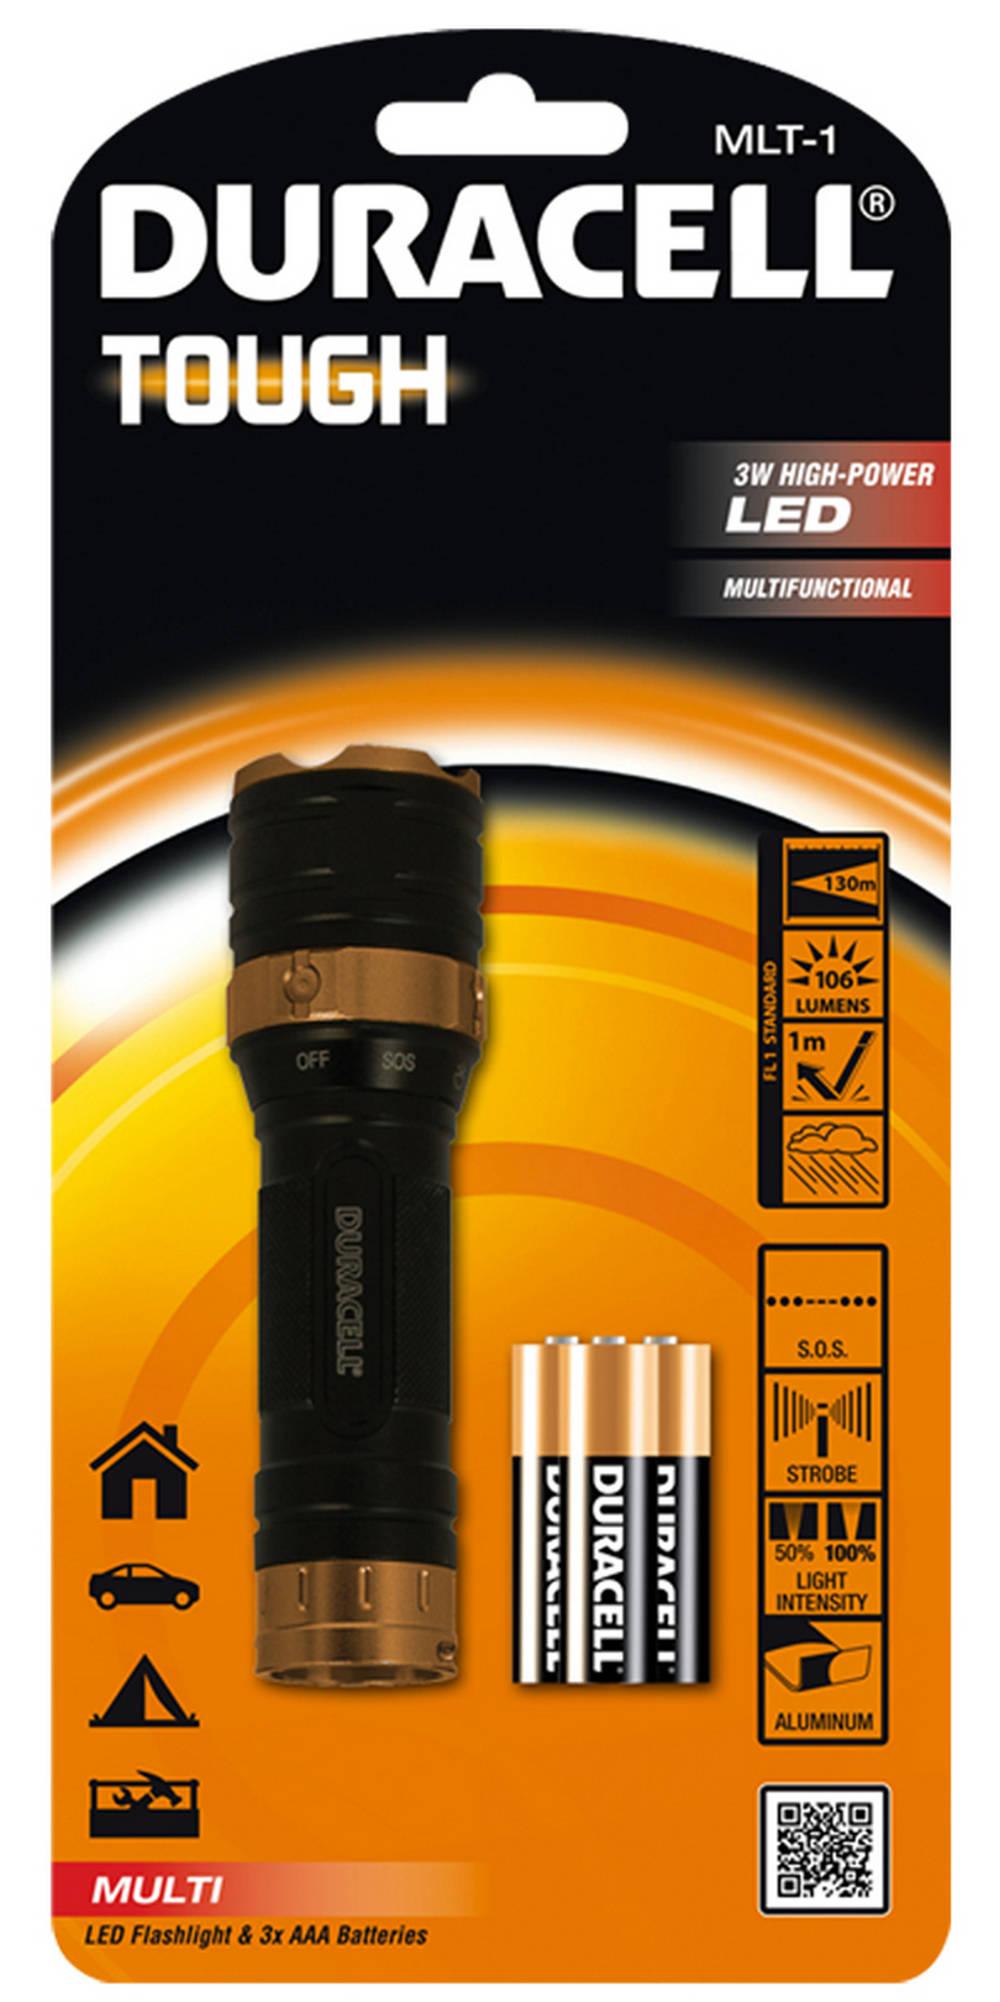 Φακός Αλουμινίου Duracell Tough 3W High-Power Led Αδιάβροχος Μαύρος MLT-1 / 106 Lumens/Απόσταση 130m